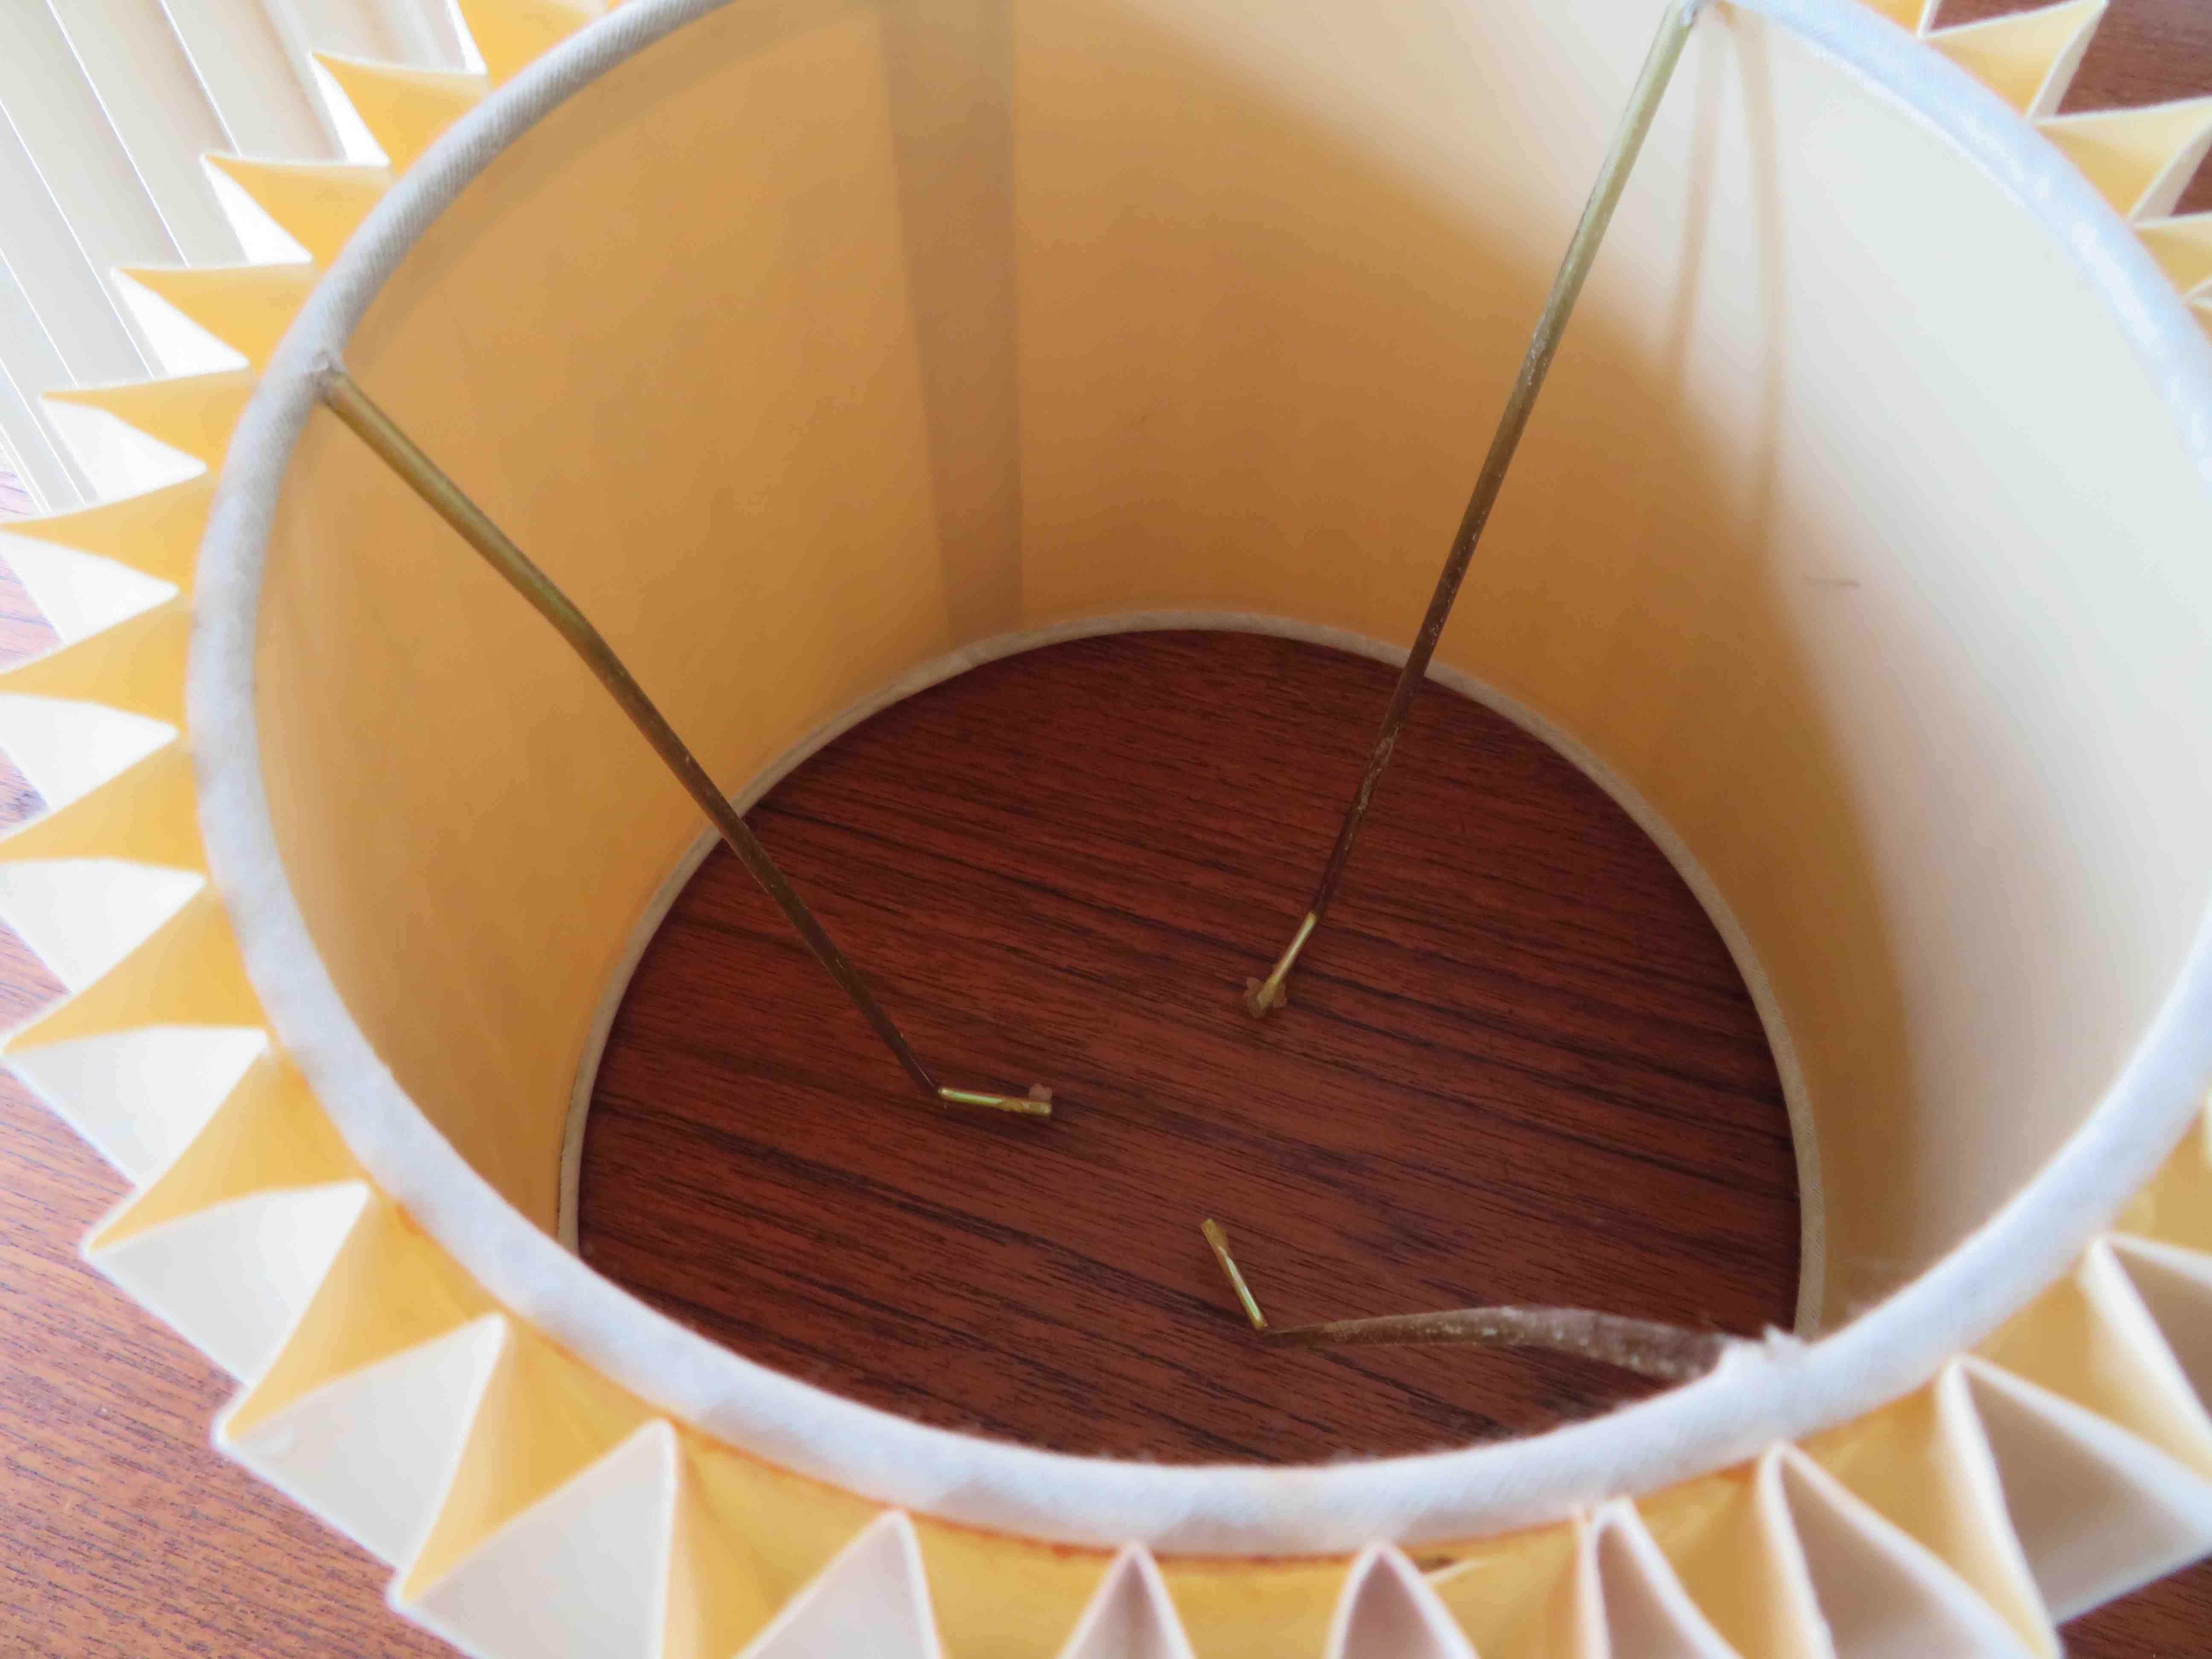 プリーツのランプシェード 張替・修理  モリス正規販売店のブライト_c0157866_18074039.jpg